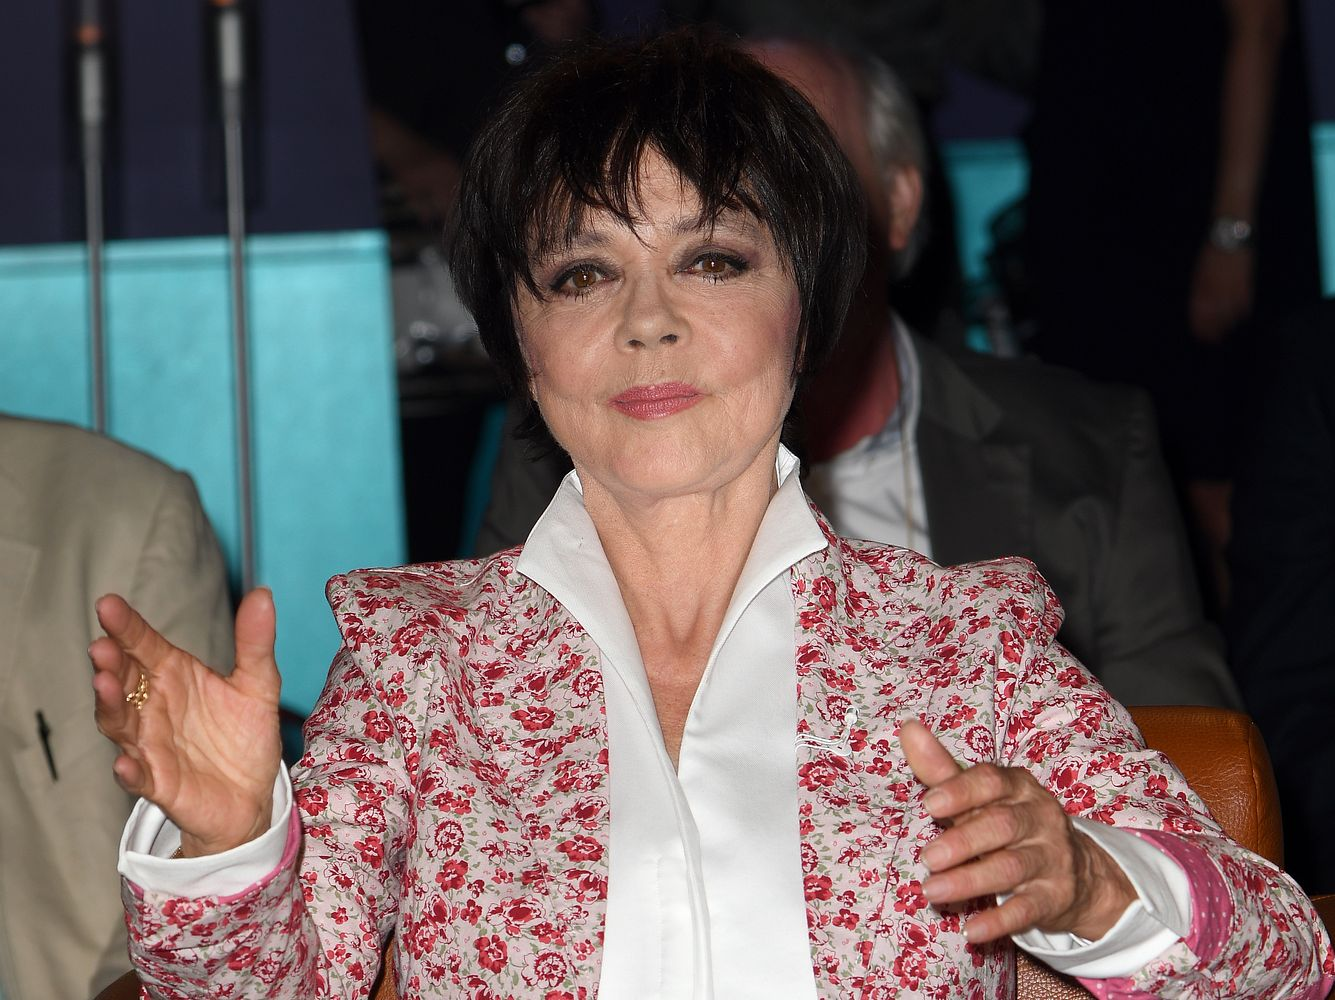 Simone Rethel-Heesters in einer Talkshow.